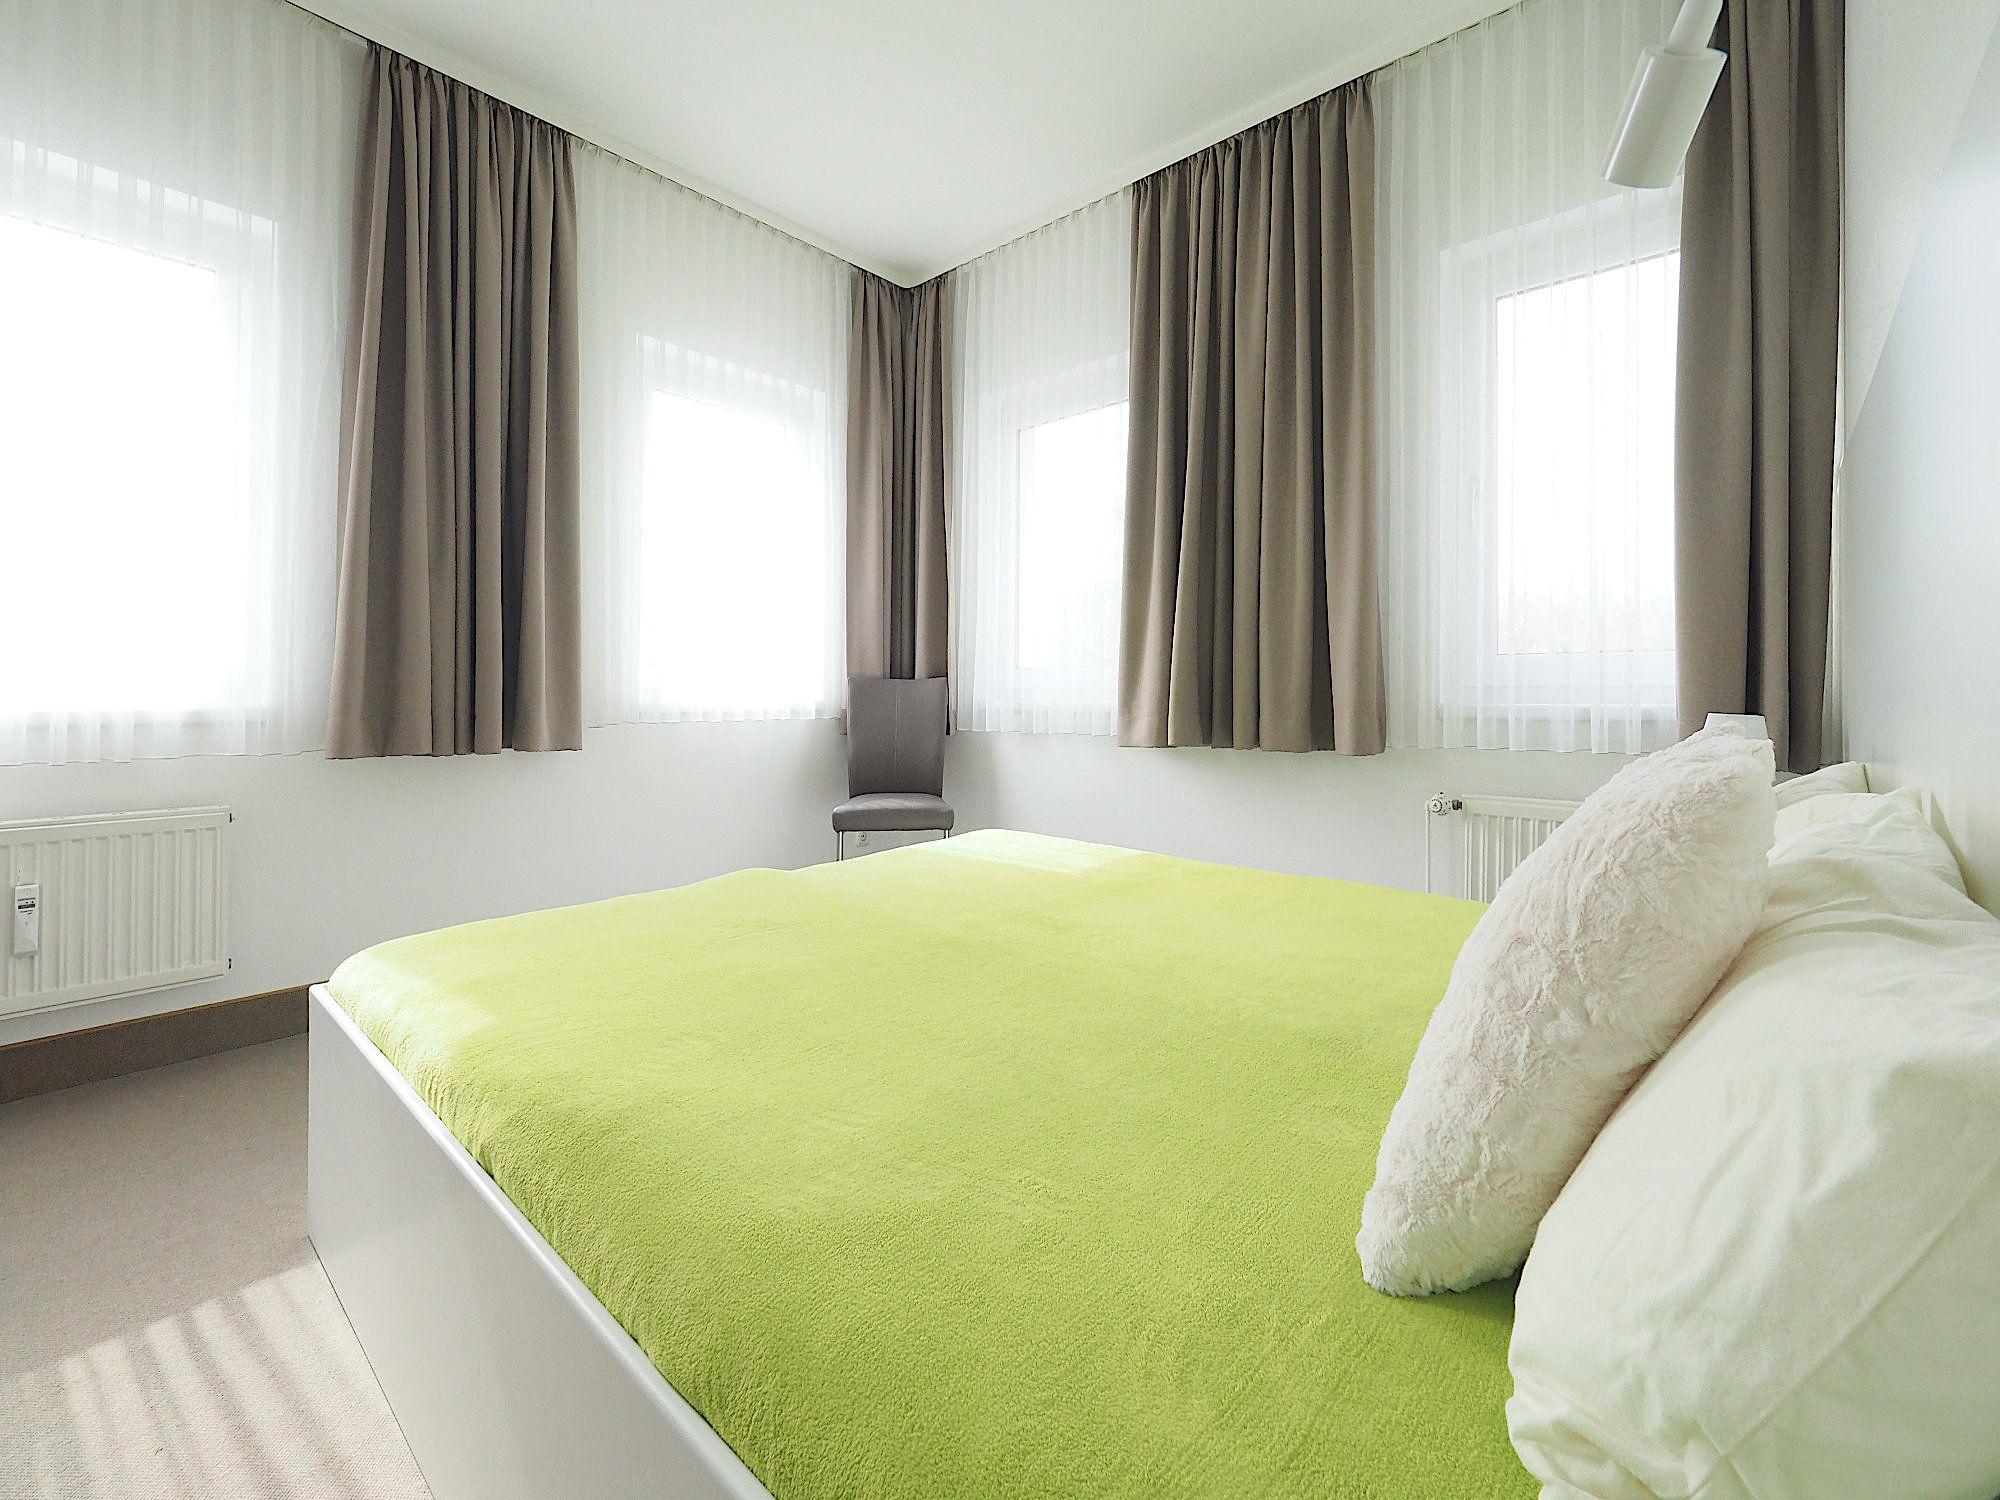 Schlafzimmer mit Doppelbett, dahinter sind an zwei Wänden je 2 Fenster